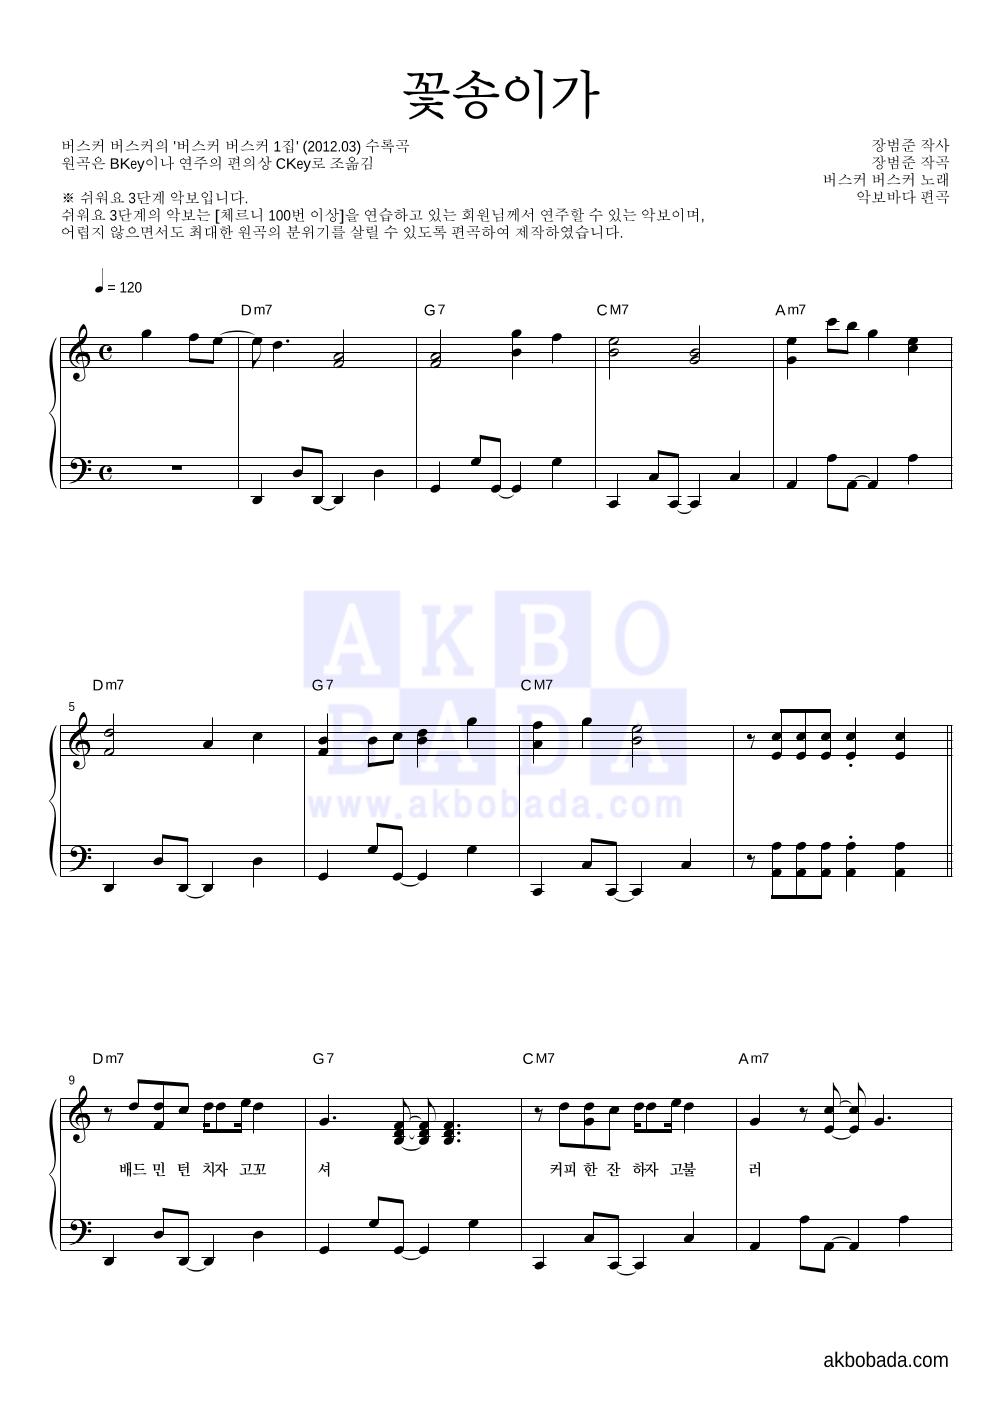 버스커 버스커 - 꽃송이가 피아노2단-쉬워요 악보